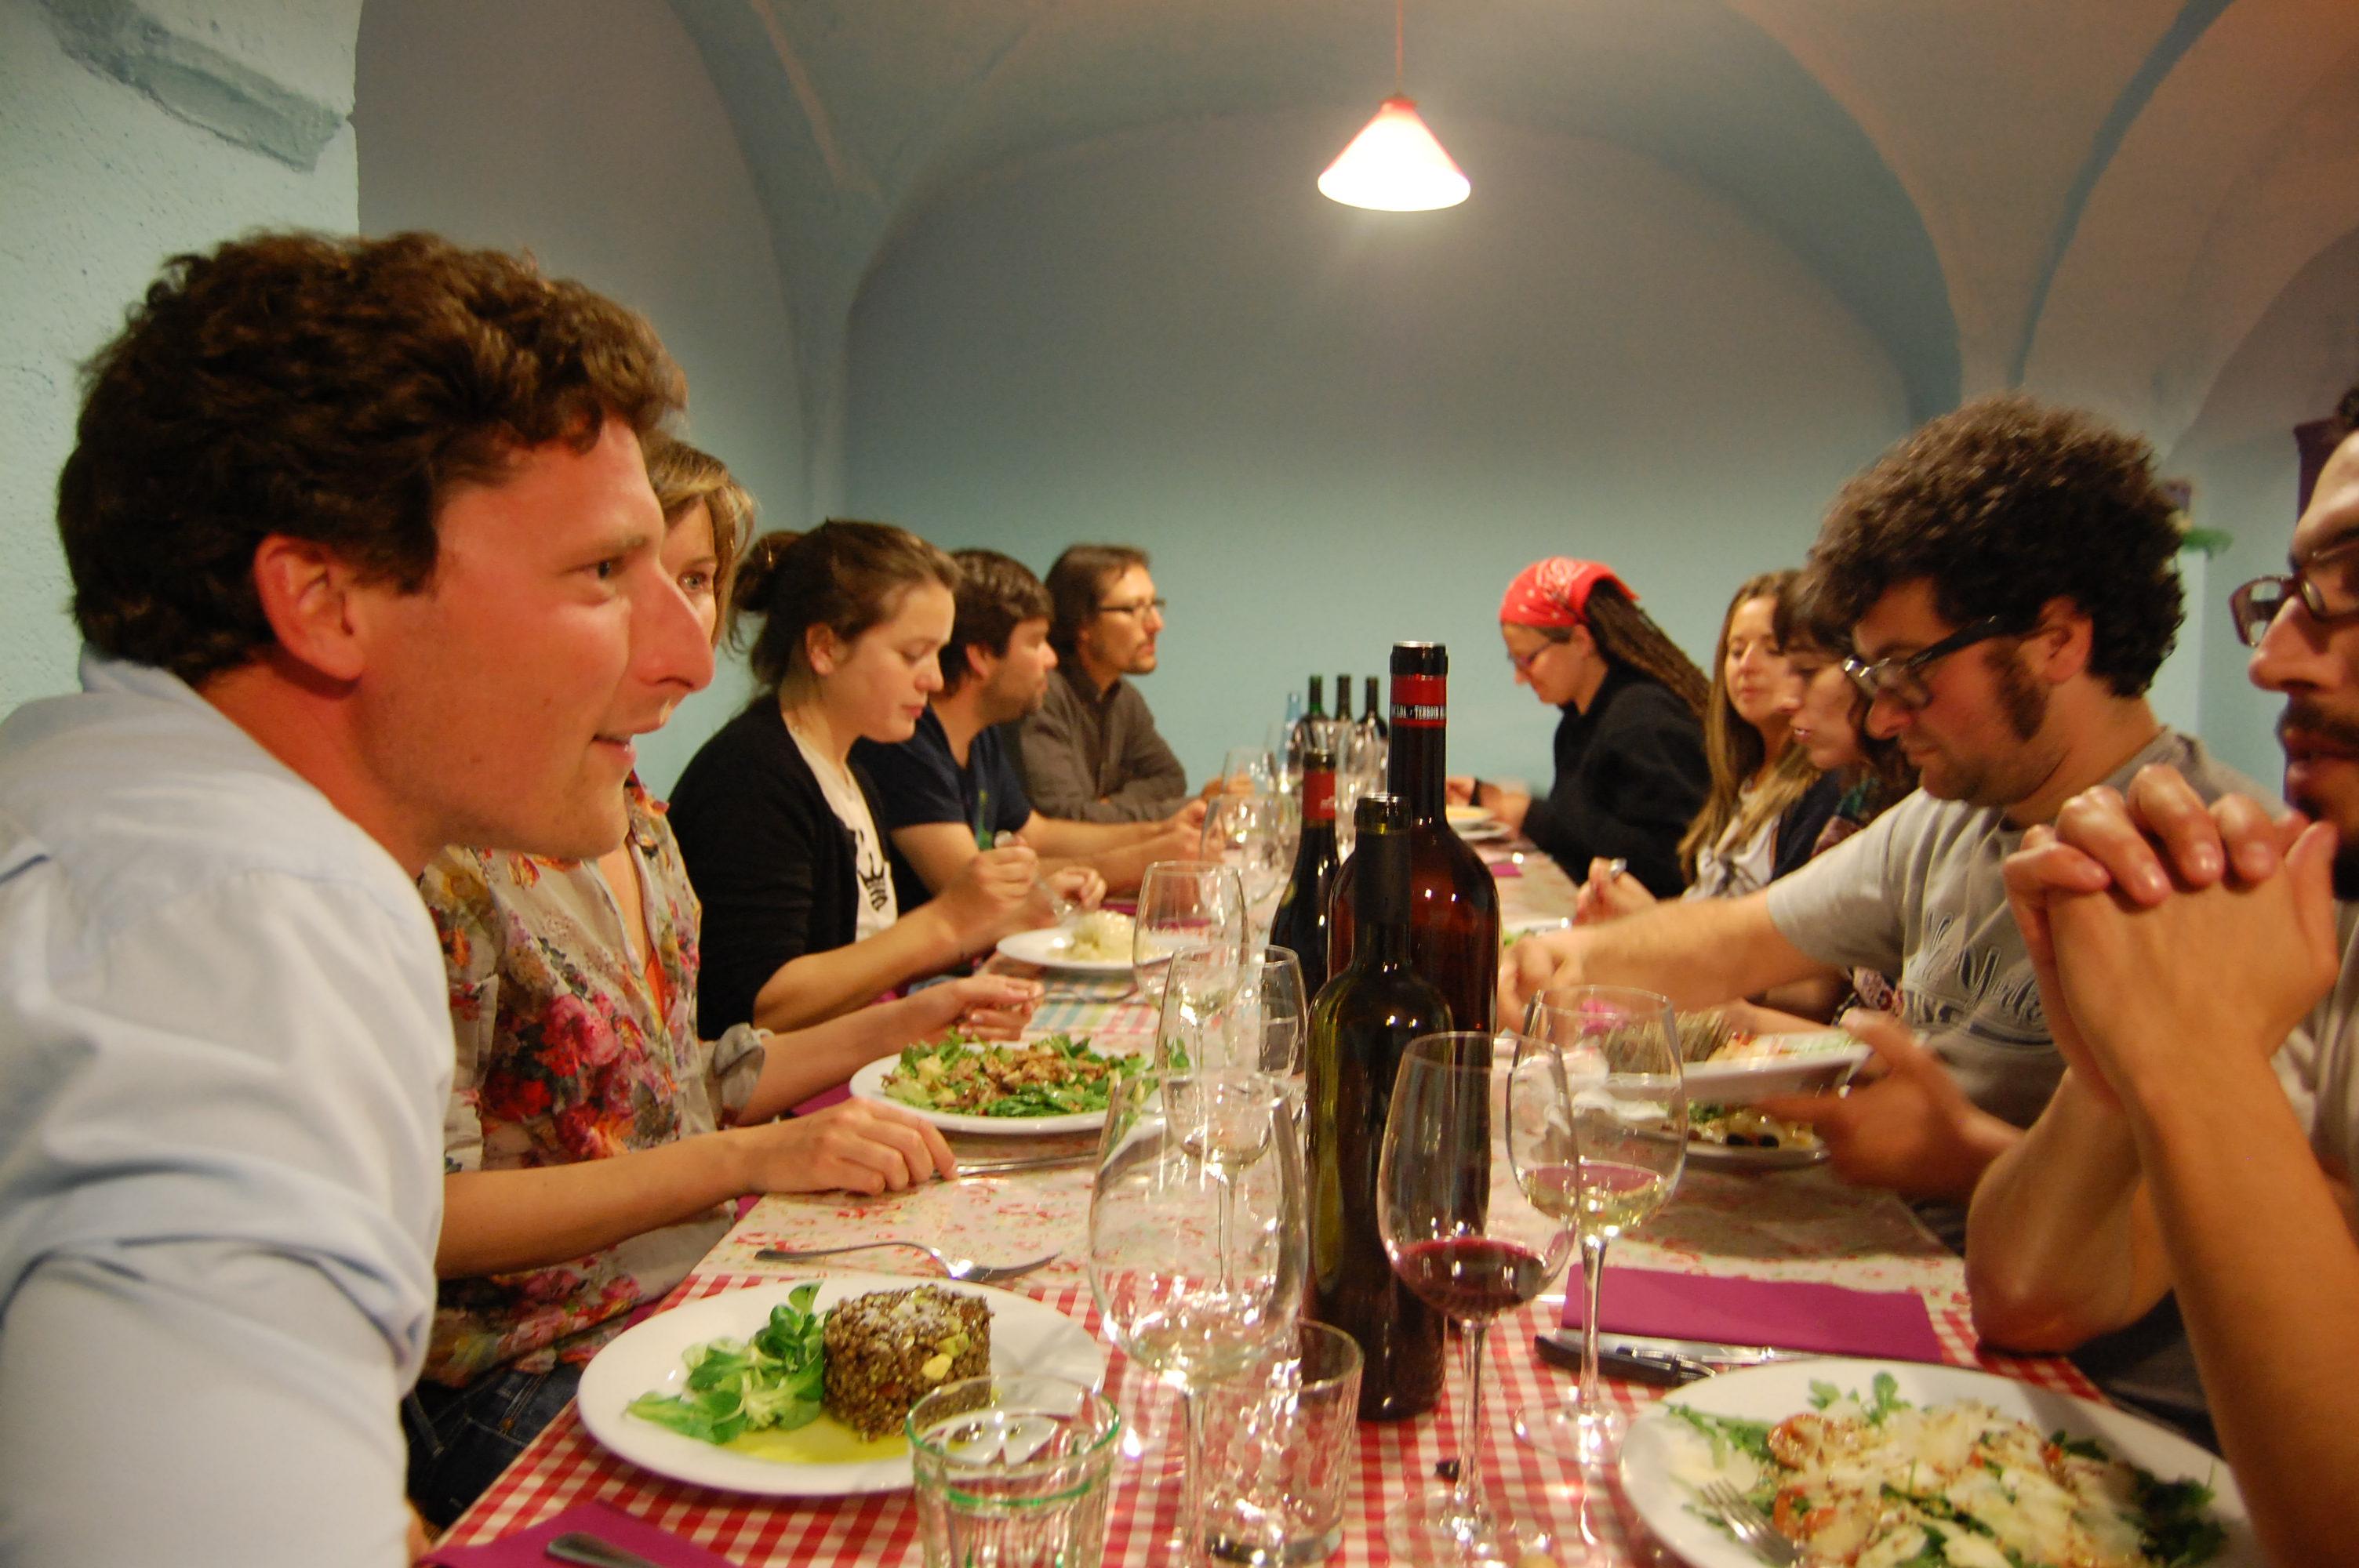 de vinos vi edos y bodegas archivo cena con amigos